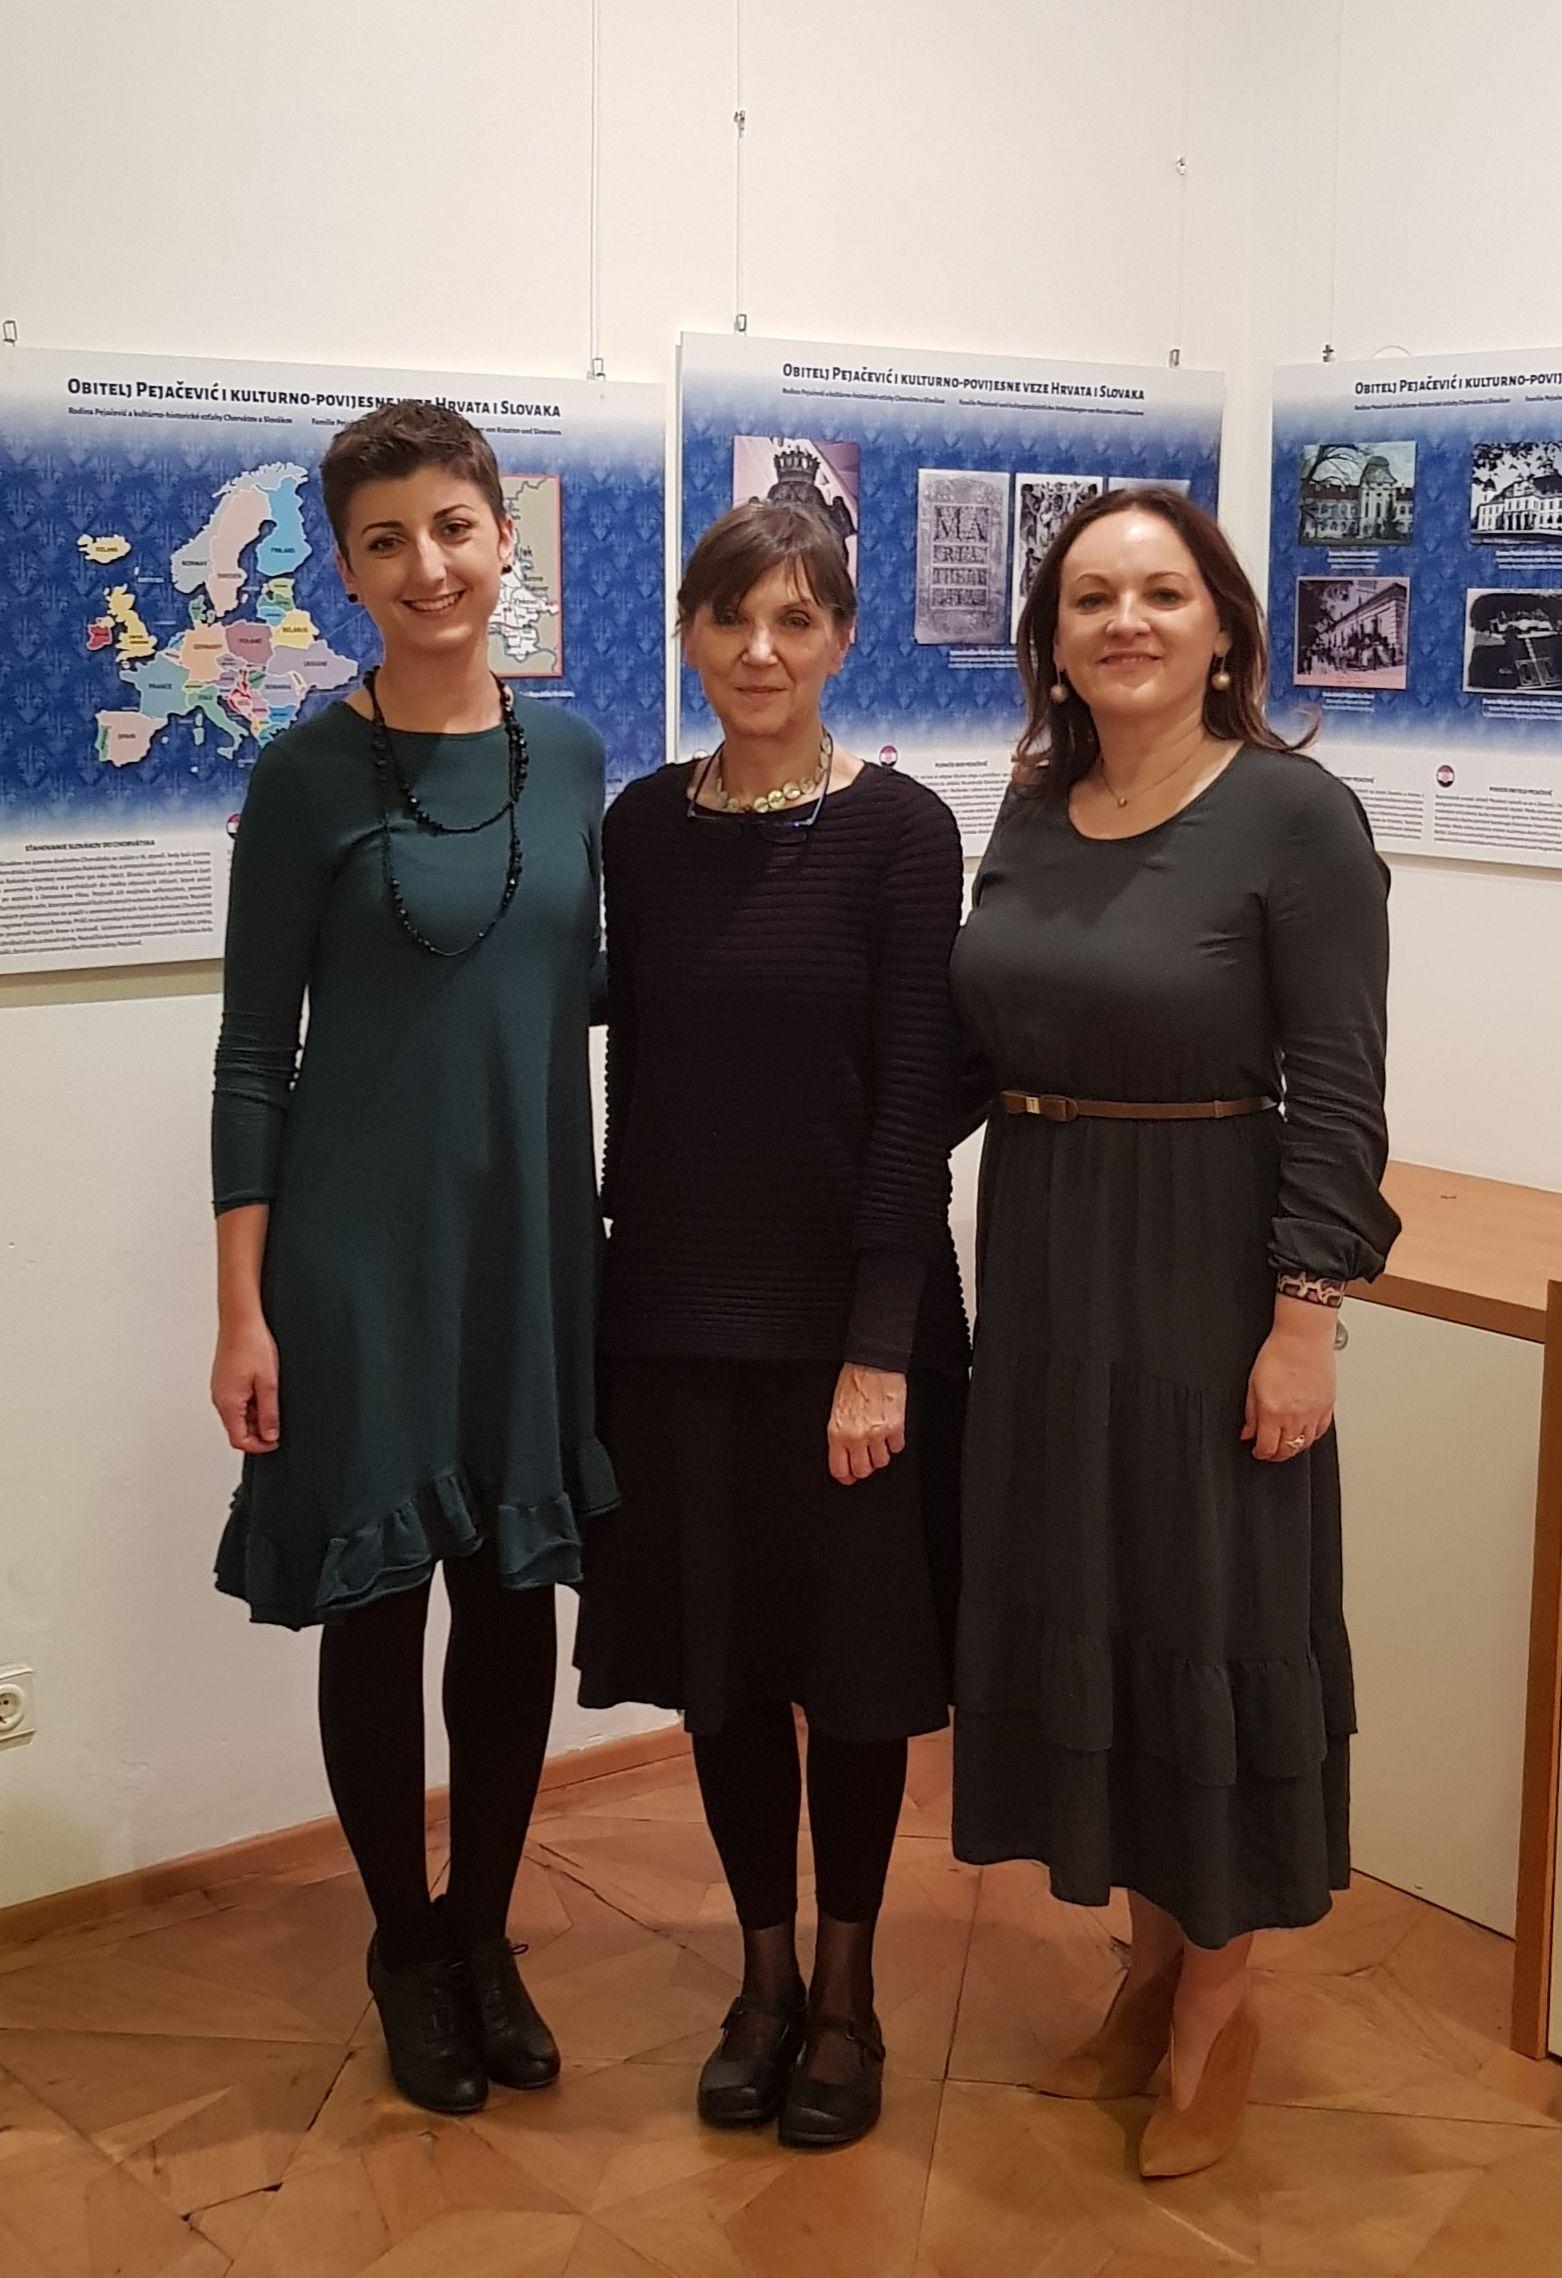 """Izložba """"Obitelj Pejačević i kulturno-povijesne veze Hrvata i Slovaka"""" otvorena u Beču"""